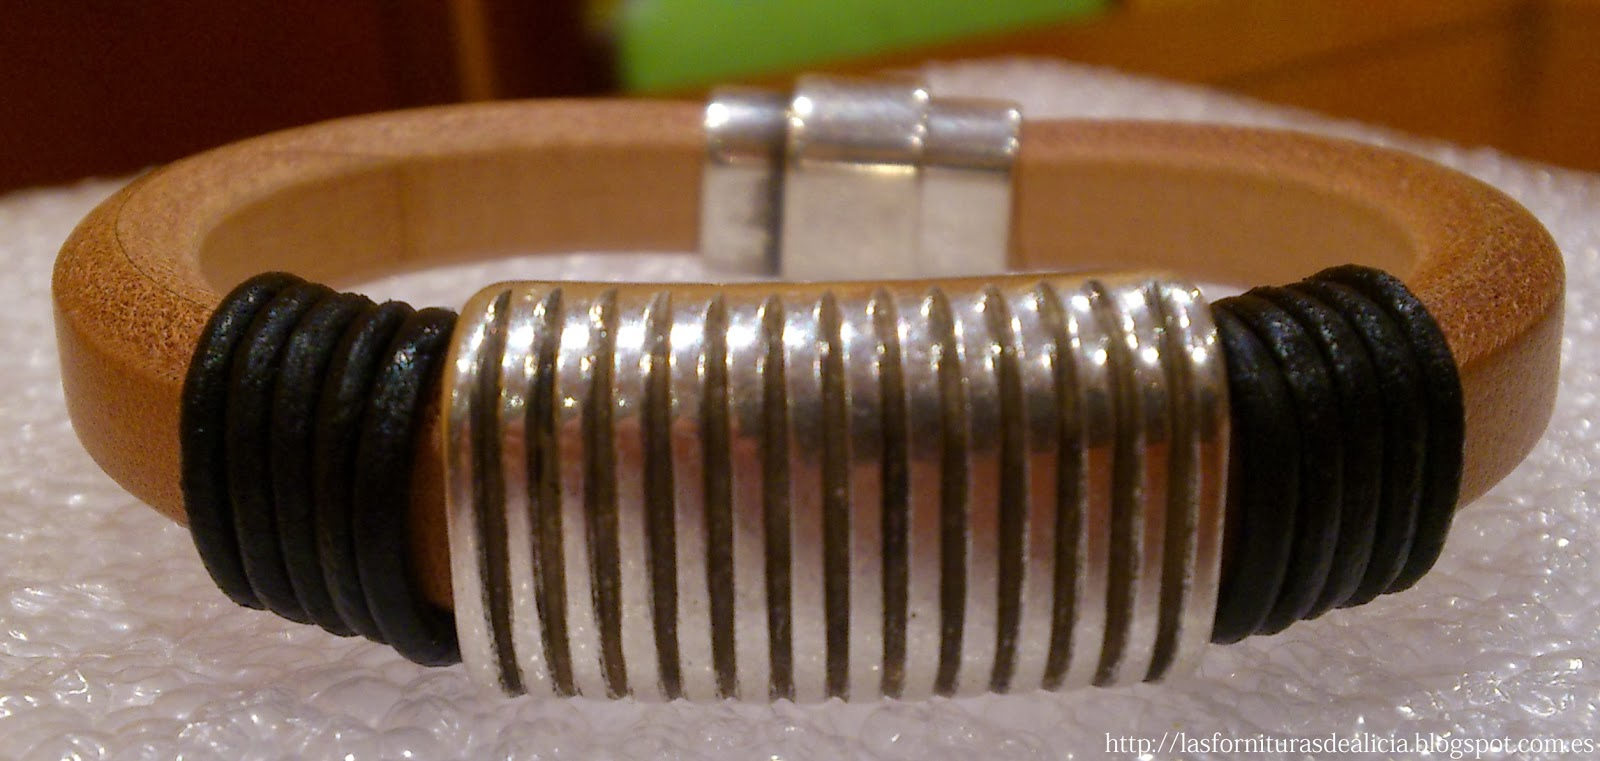 b23ffcbe64a8 ... Elegante pulsera para hombre realizada con cuero de regaliz en color  crudo